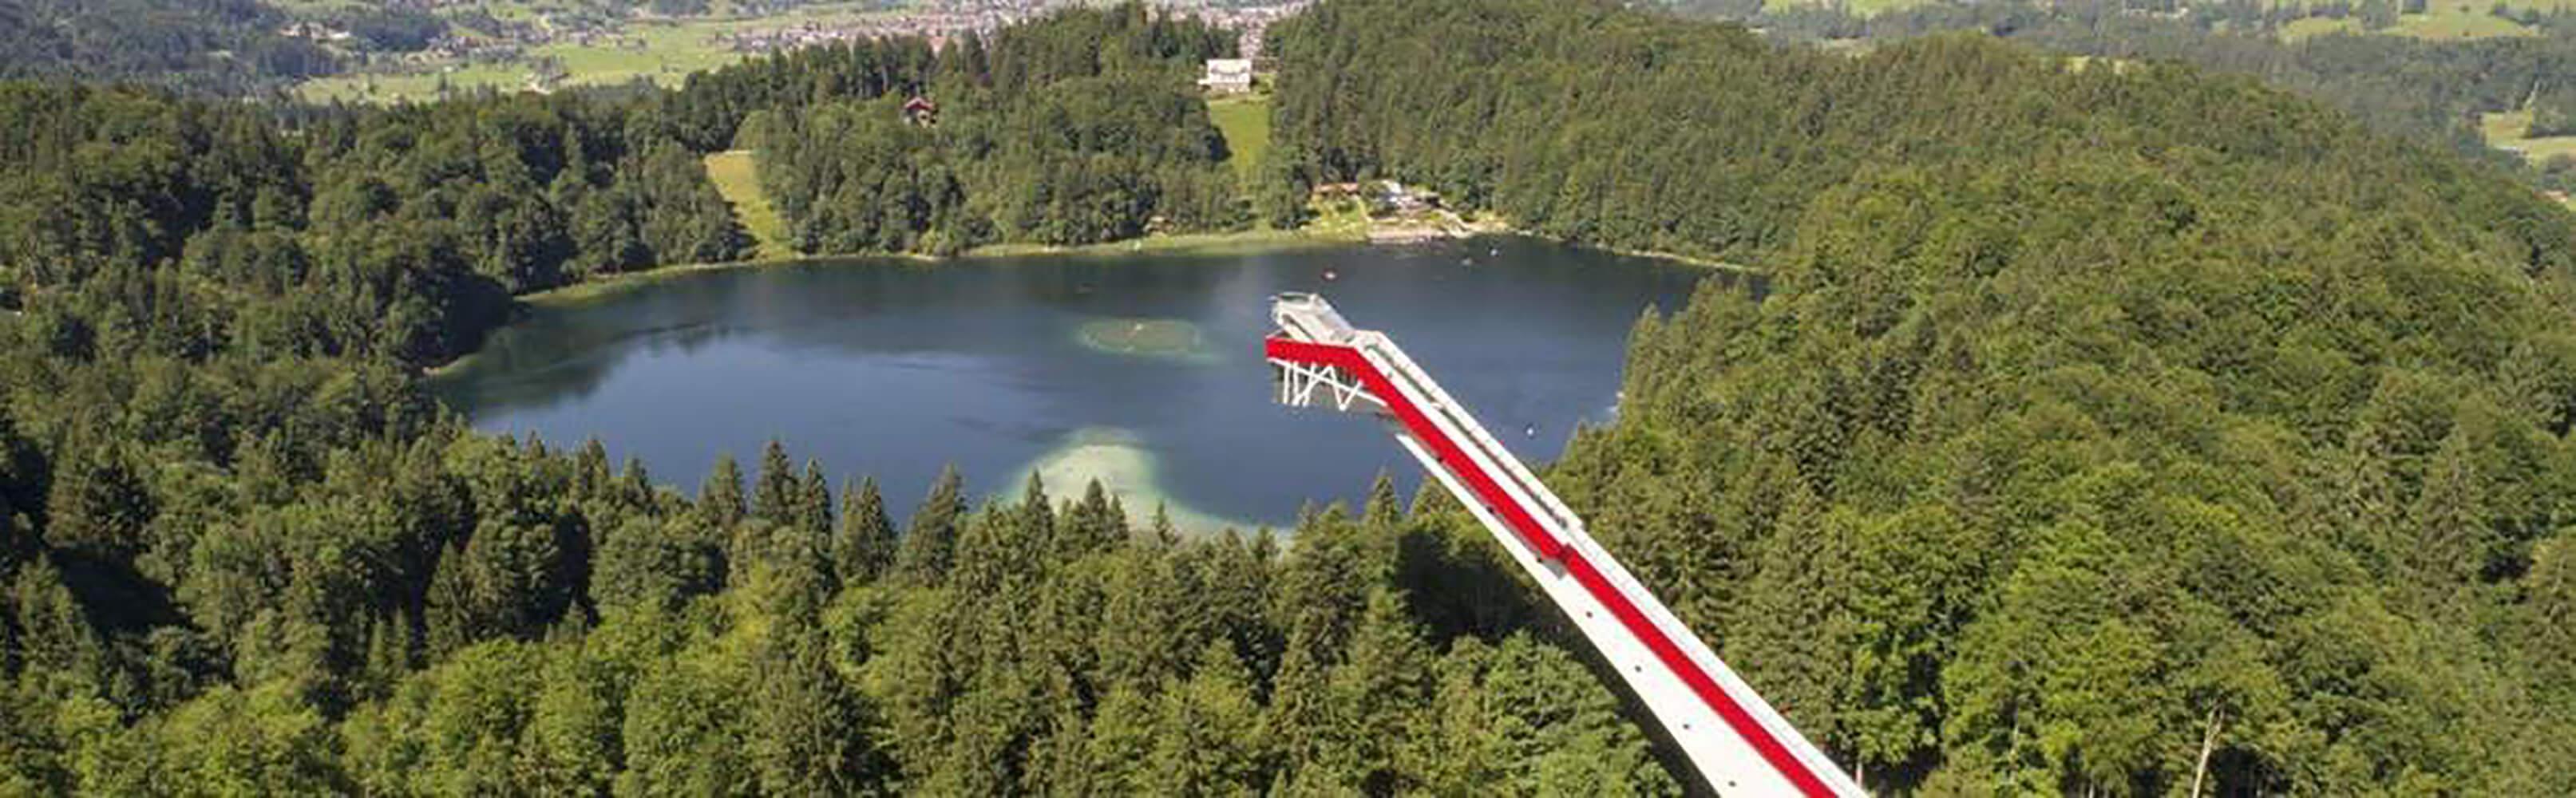 Heini-Klopfer-Skiflugschanze Oberstdorf 1